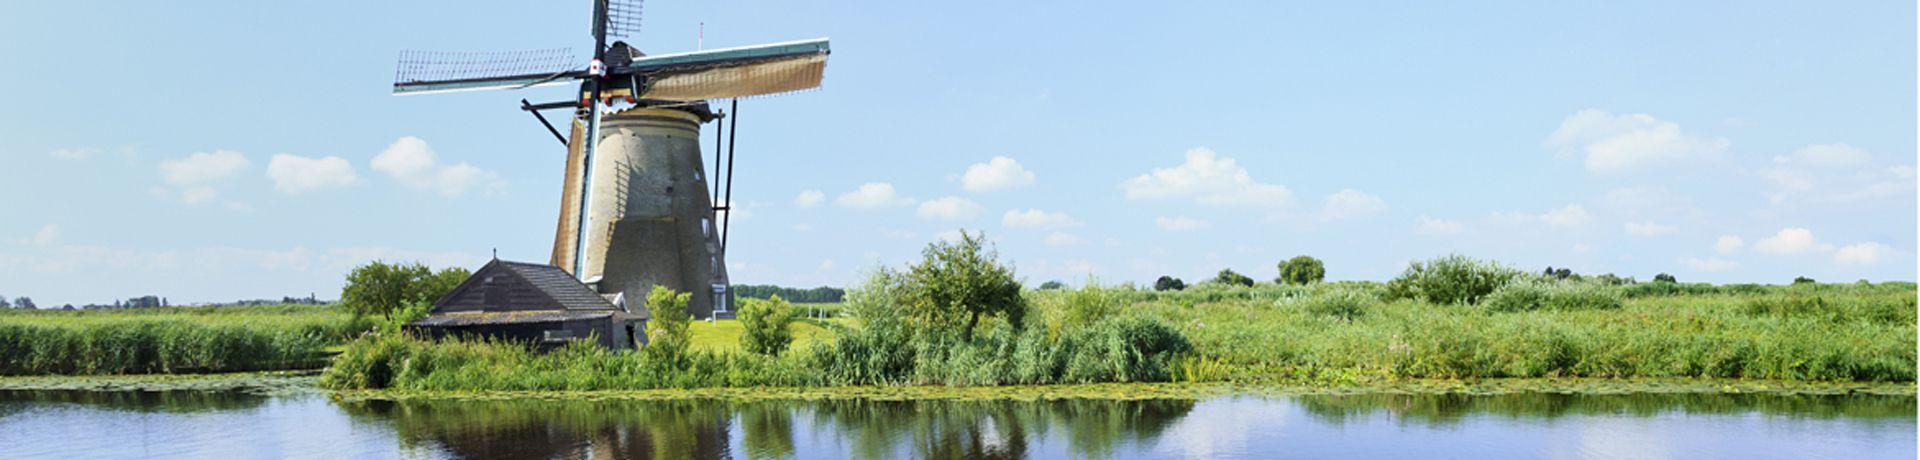 Supertrips - Tipi's Nederland